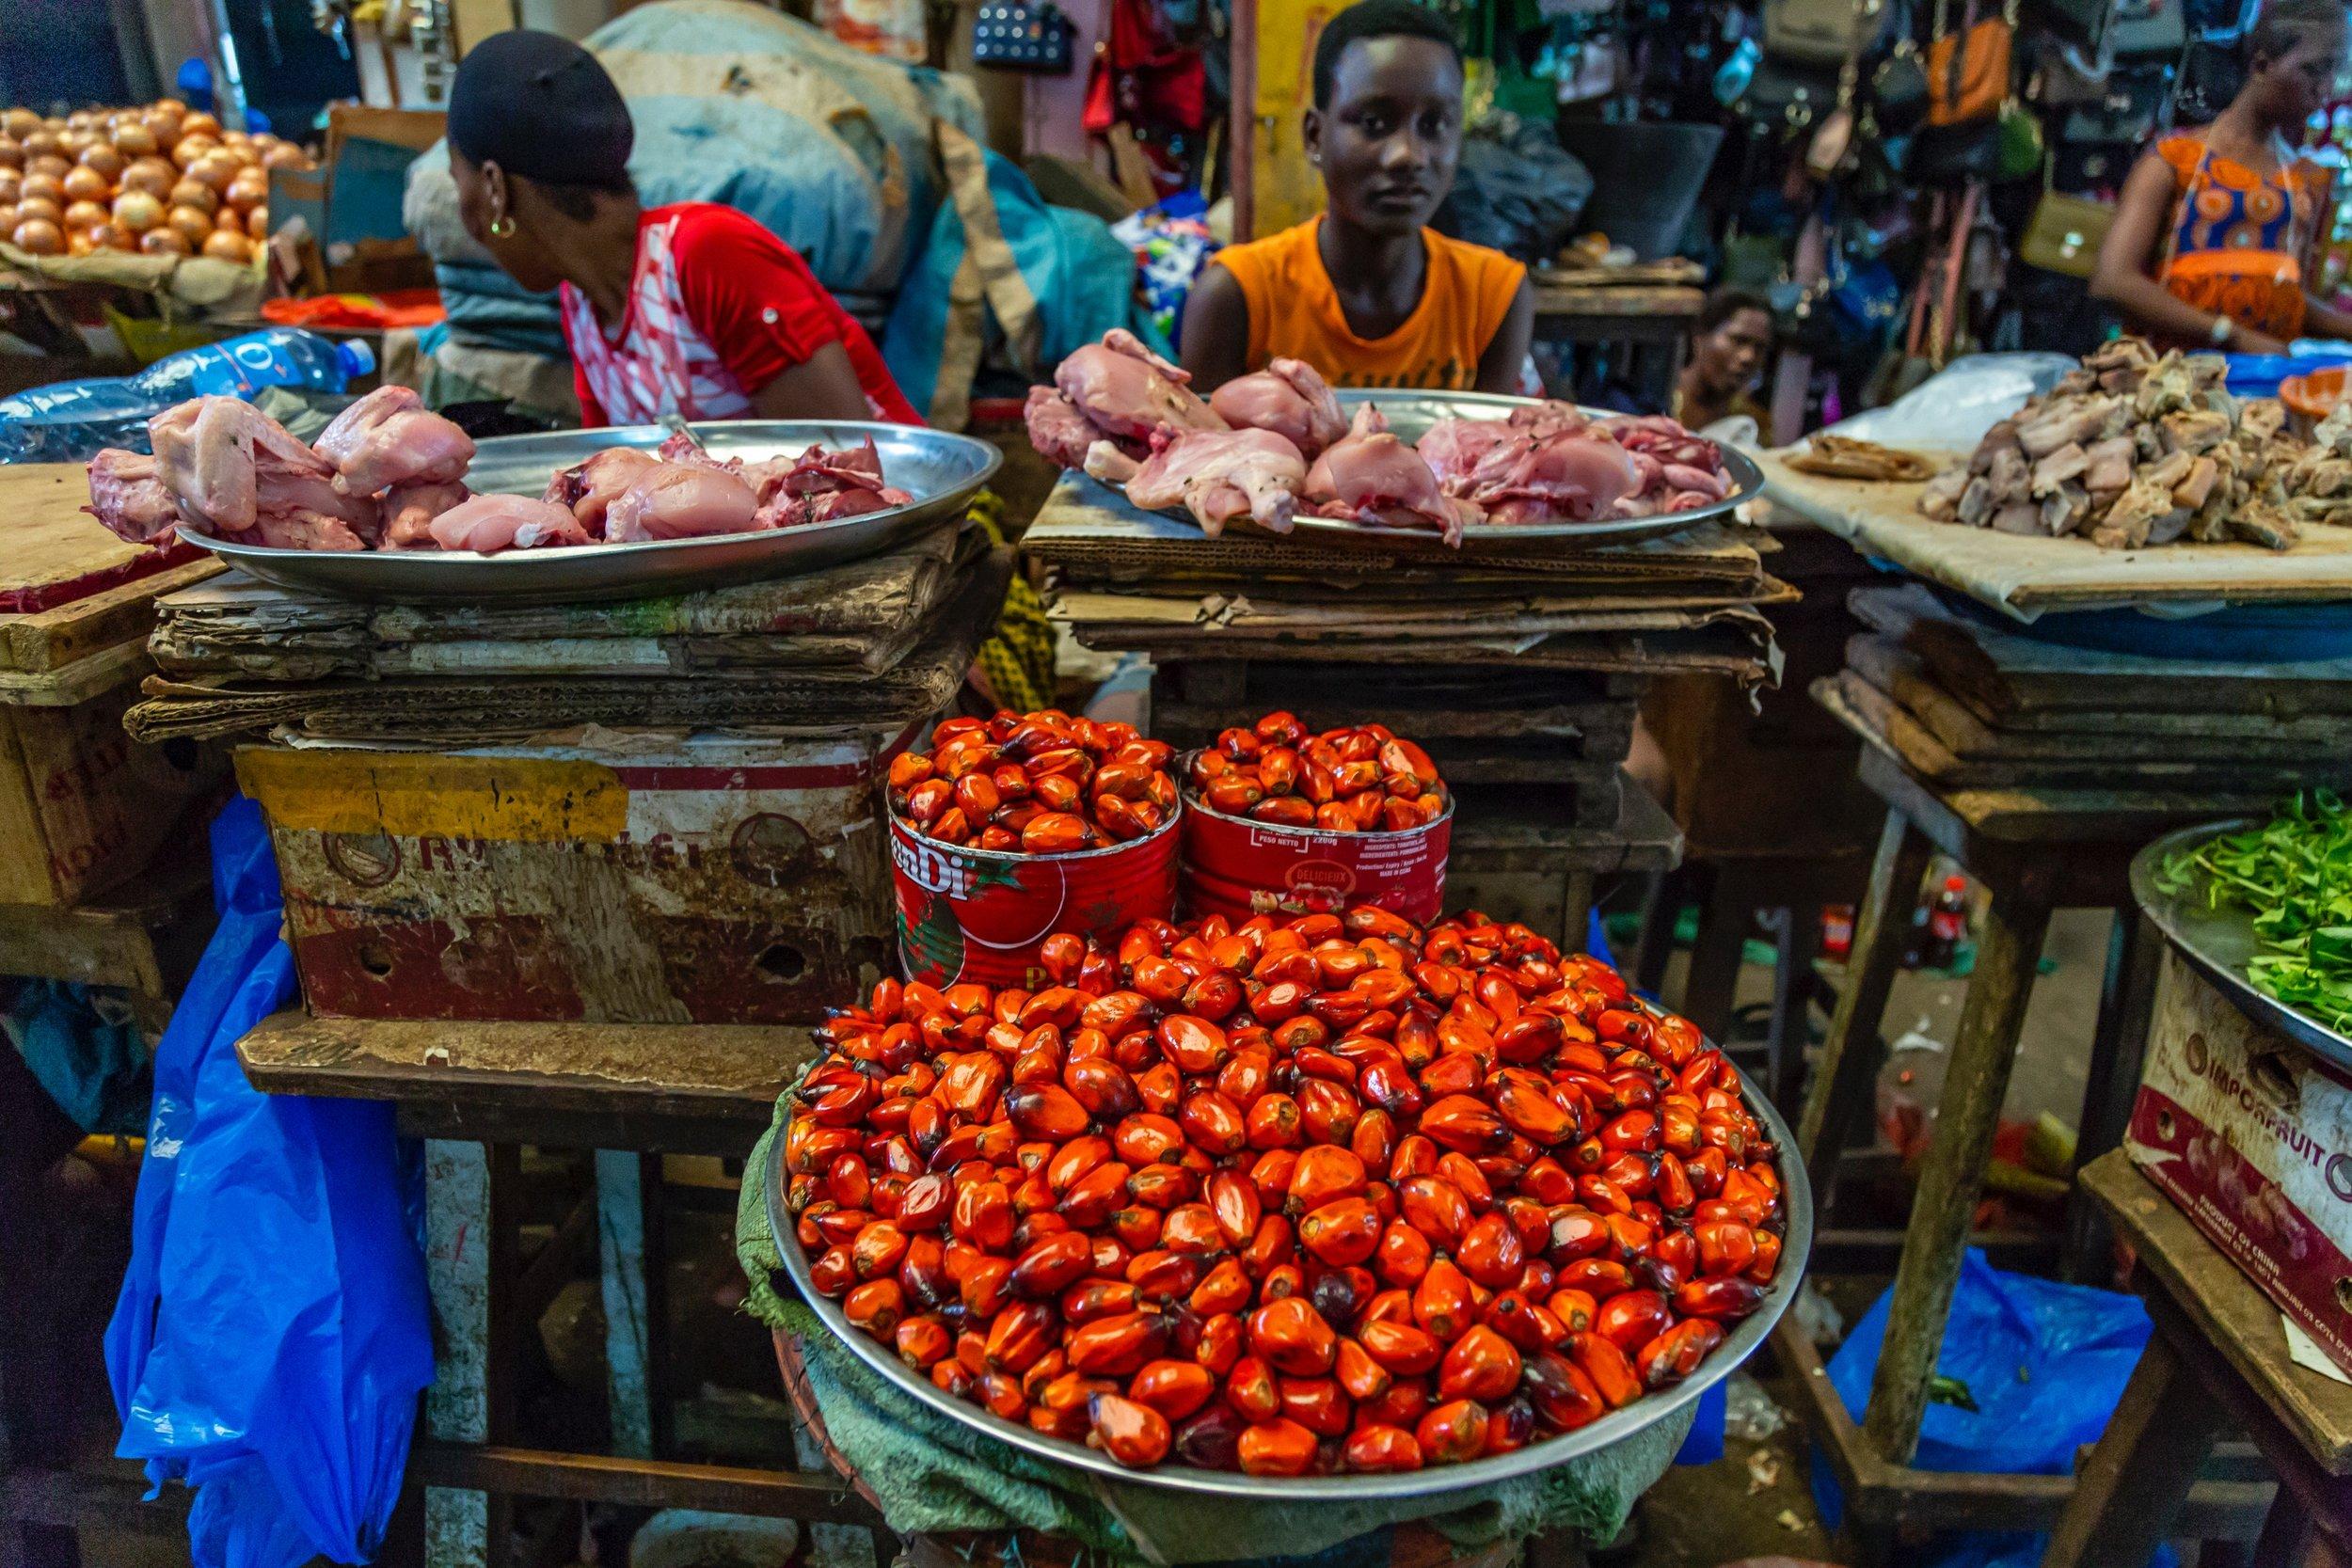 mercado de fermentados